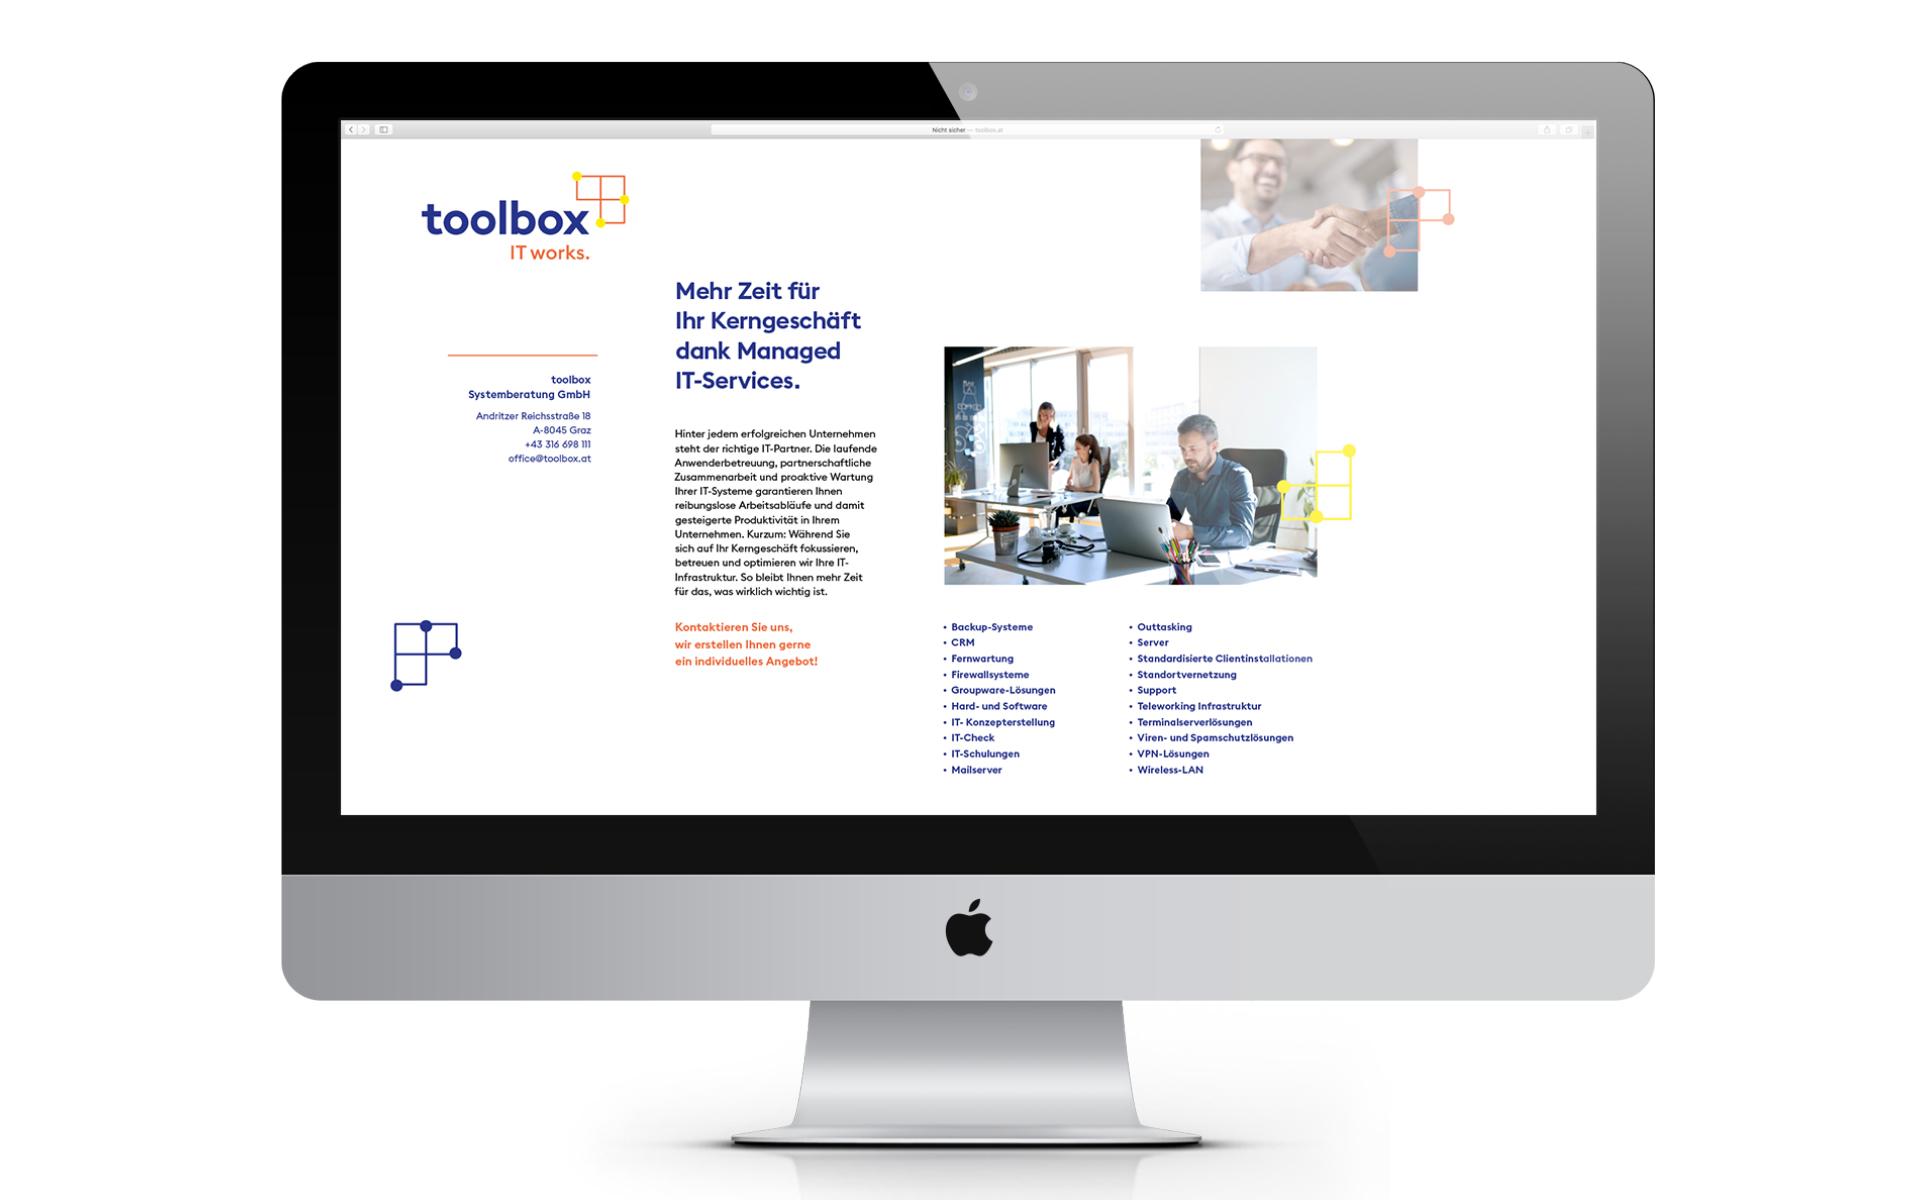 Digitale Visitenkarte im Rahmen des neuen Markenauftritts für toolbox Systemberatung von look! design